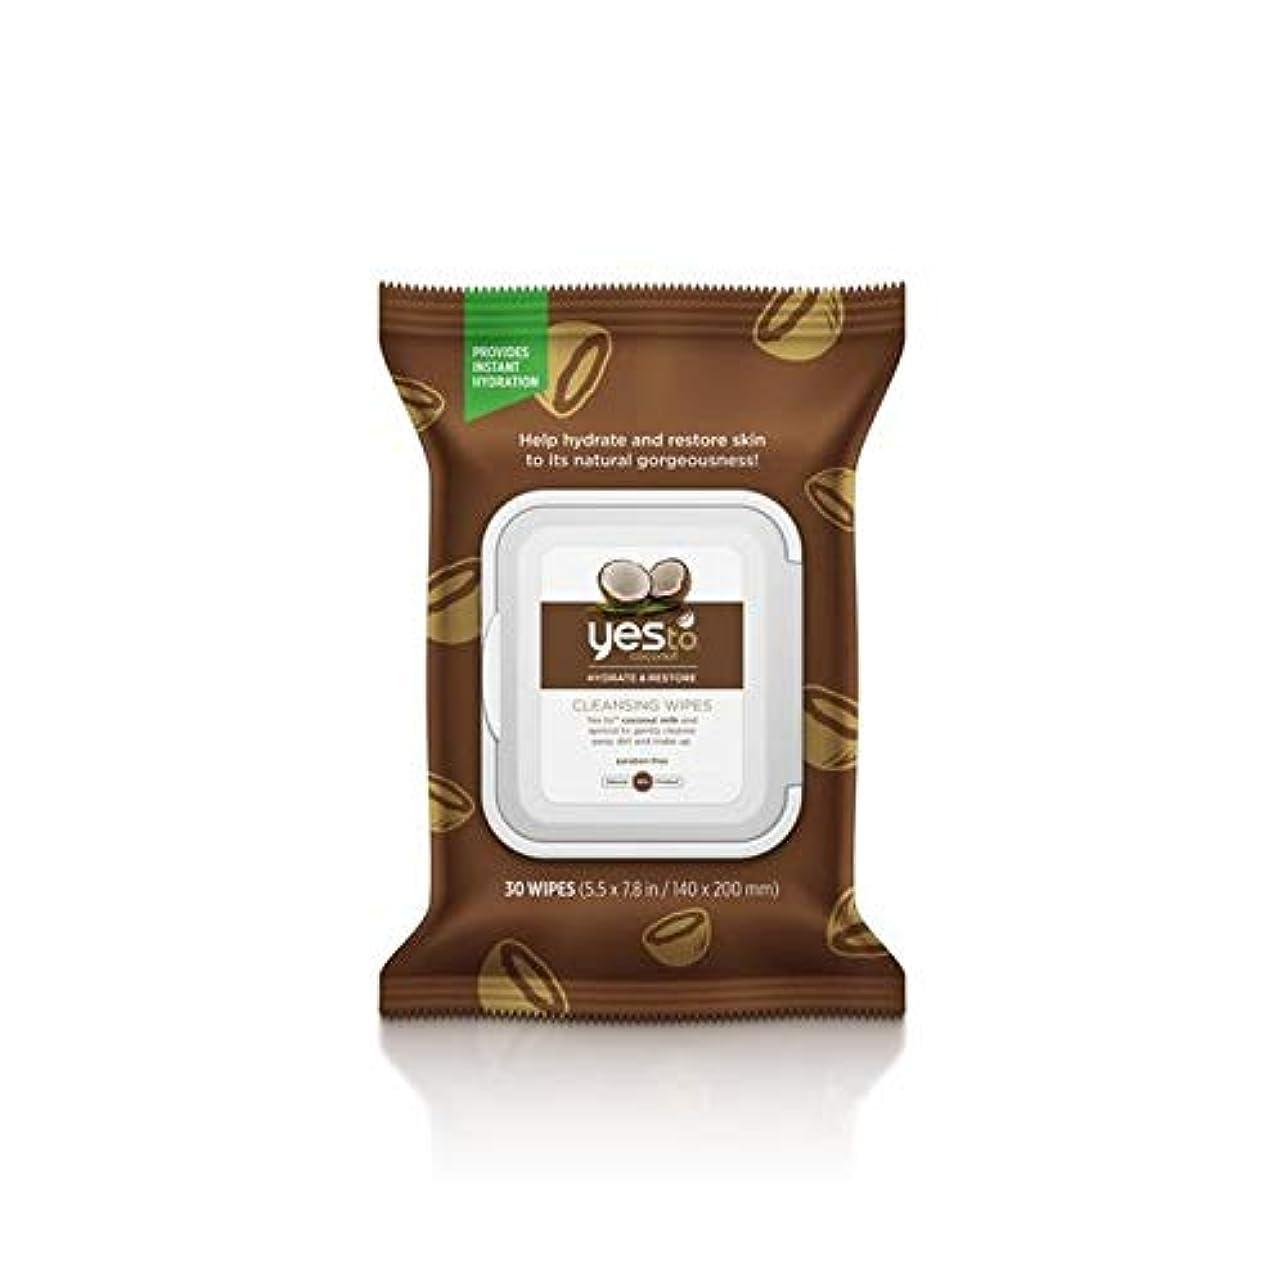 ネクタイラジカル遠征[YES TO! ] はいココナッツクレンジング顔にパックあたり25ワイプ - Yes To Coconut Cleansing Face Wipes 25 per pack [並行輸入品]